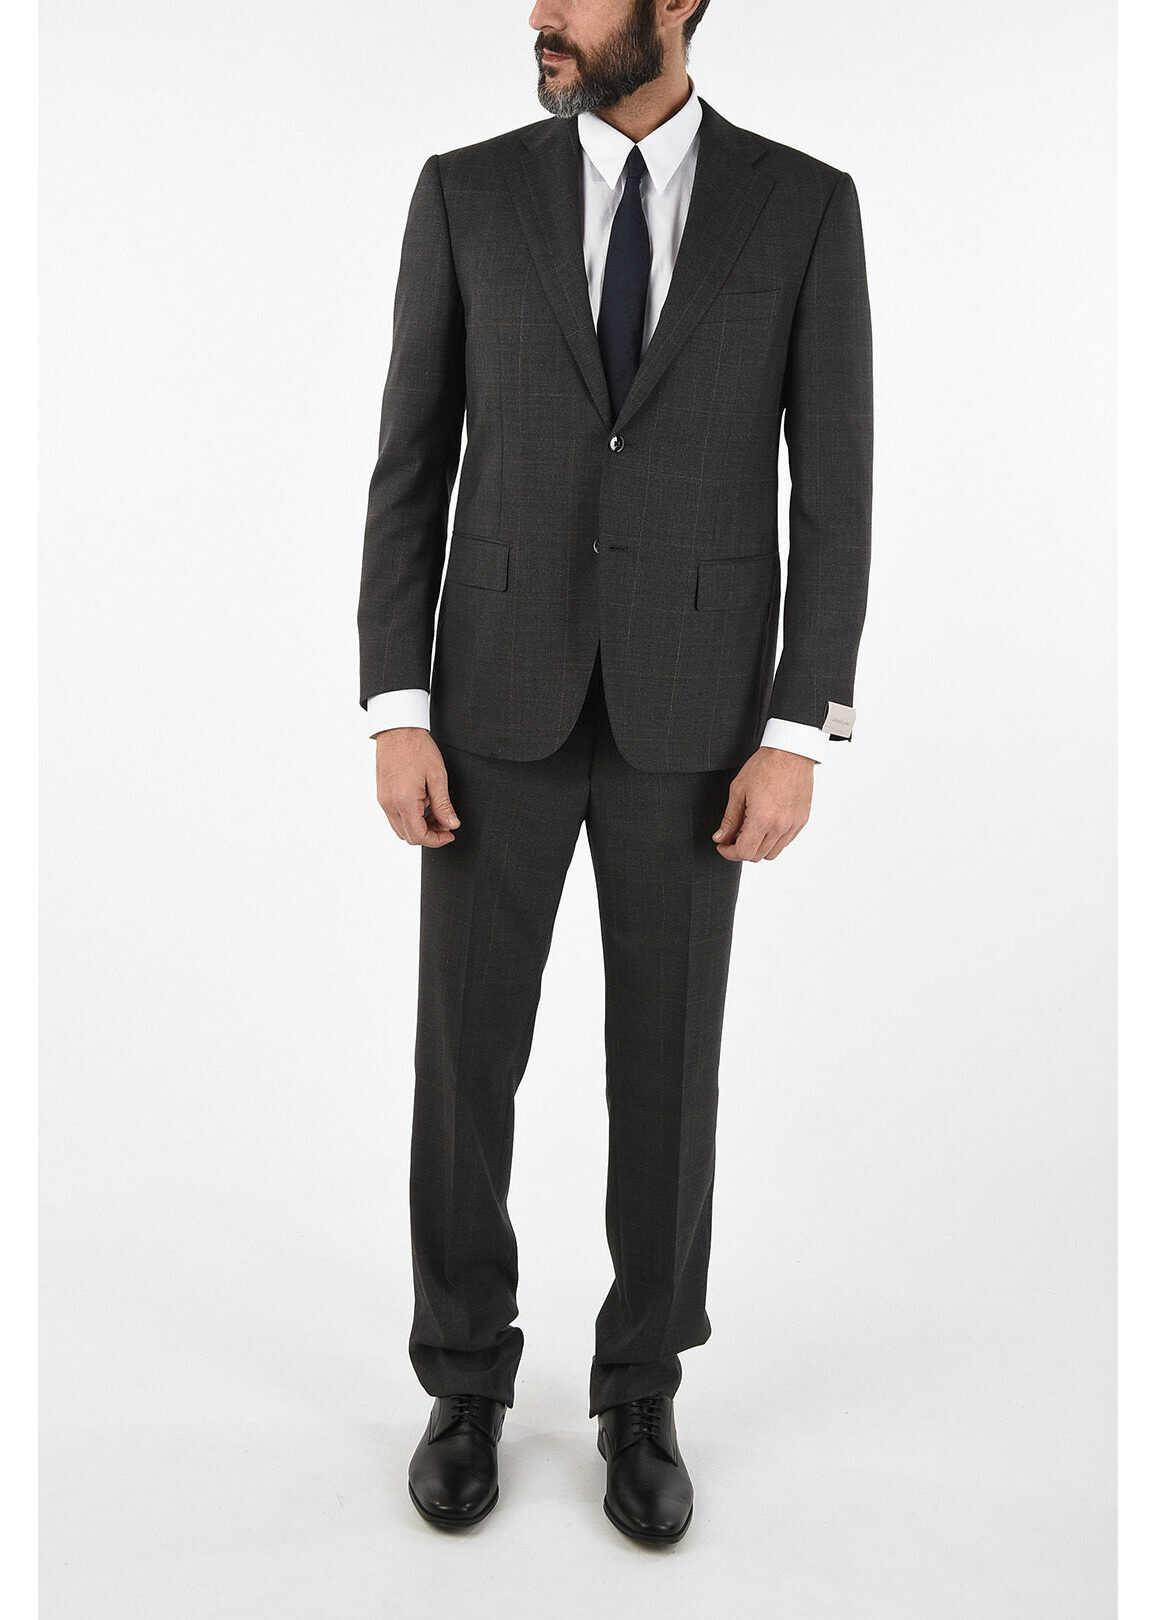 CORNELIANI side vent windowpane check drop 6R 2-button MANTUA suit GRAY imagine